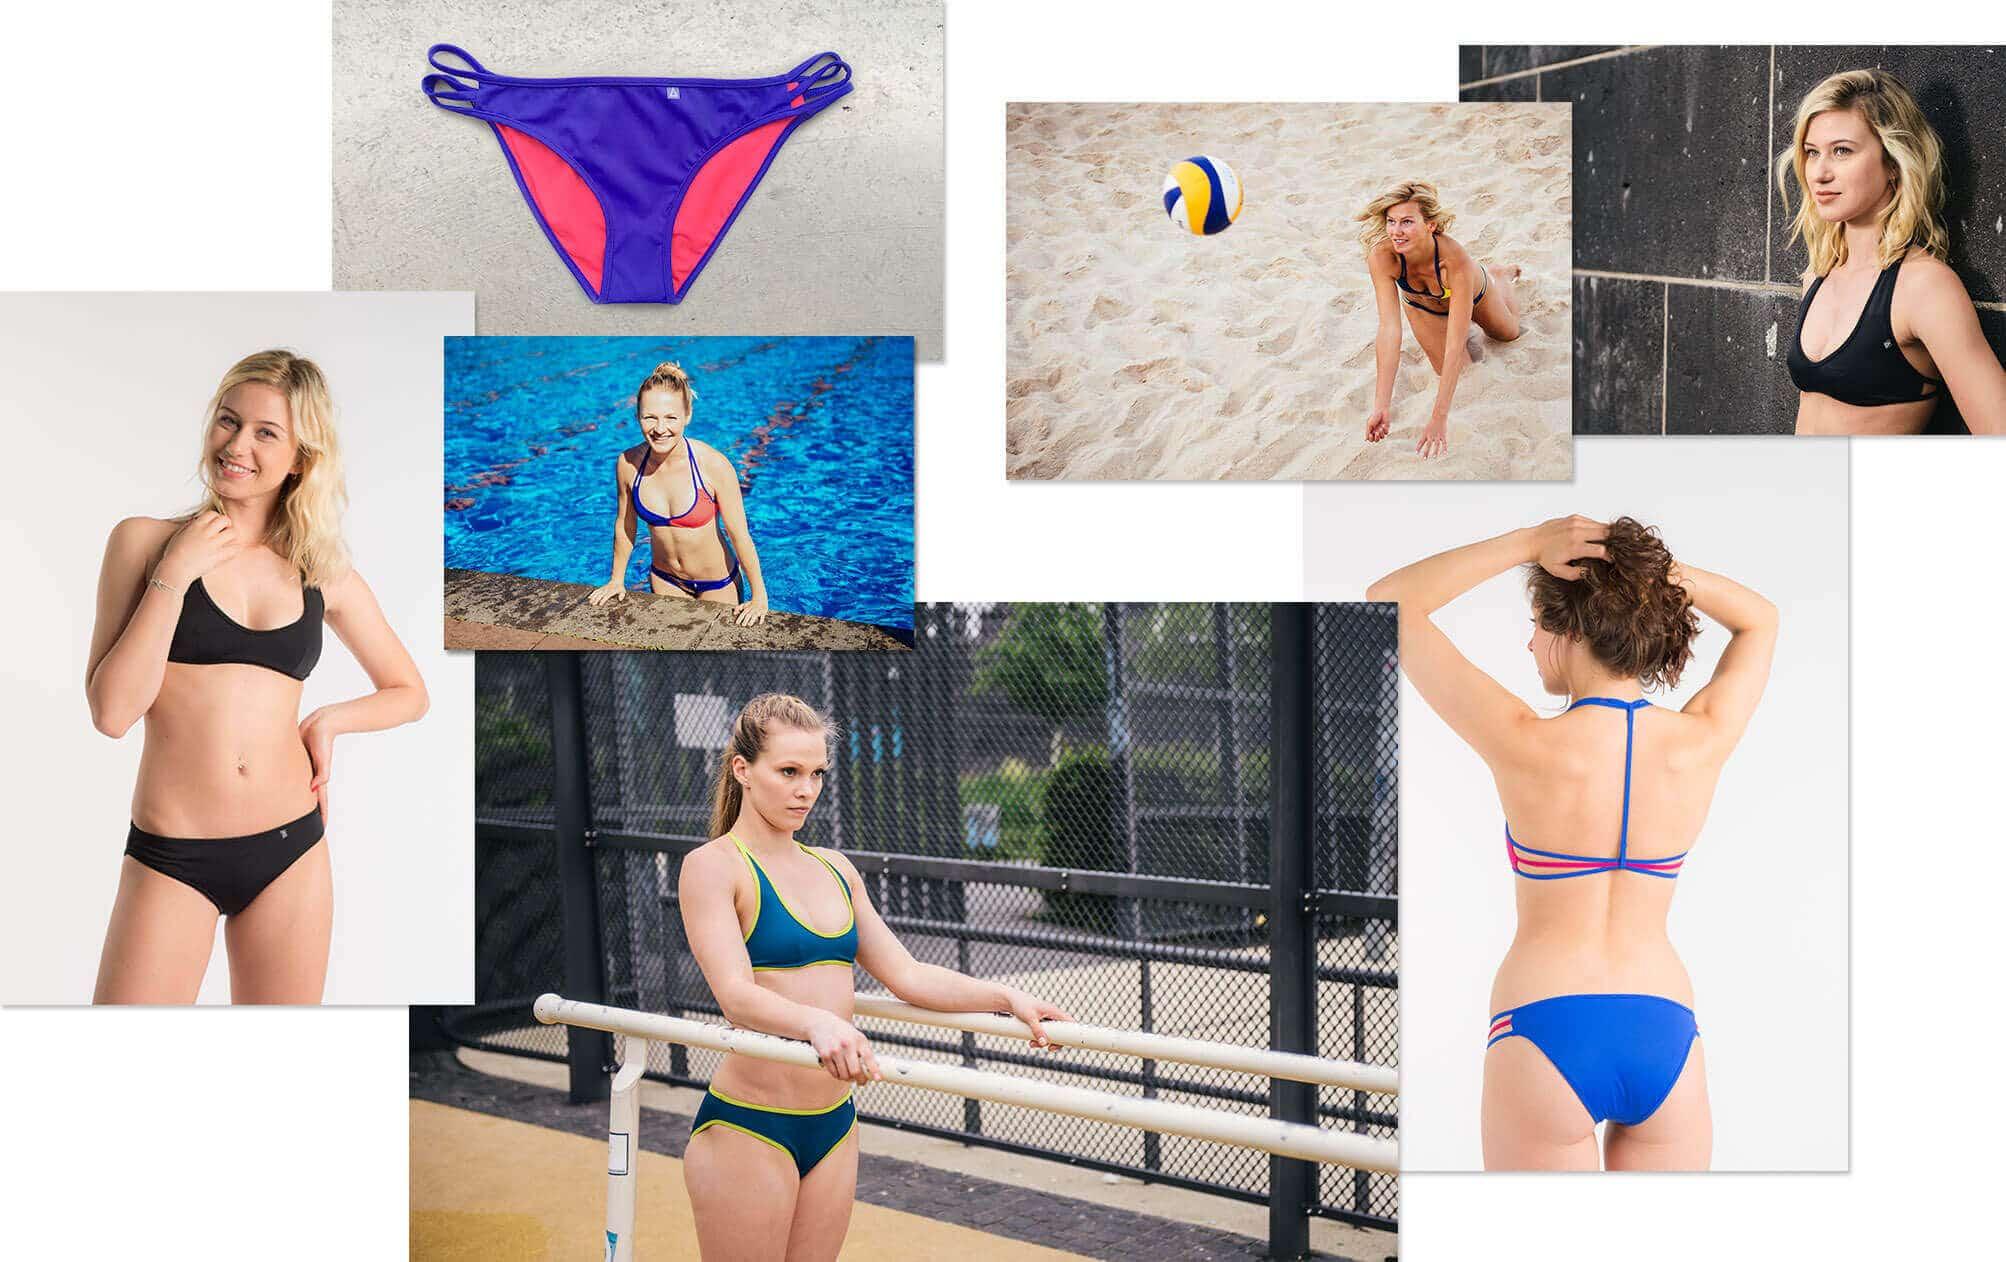 360VIER_Inaska_Case-Study_Slider-Fotografie-1 Inaska Swimwear